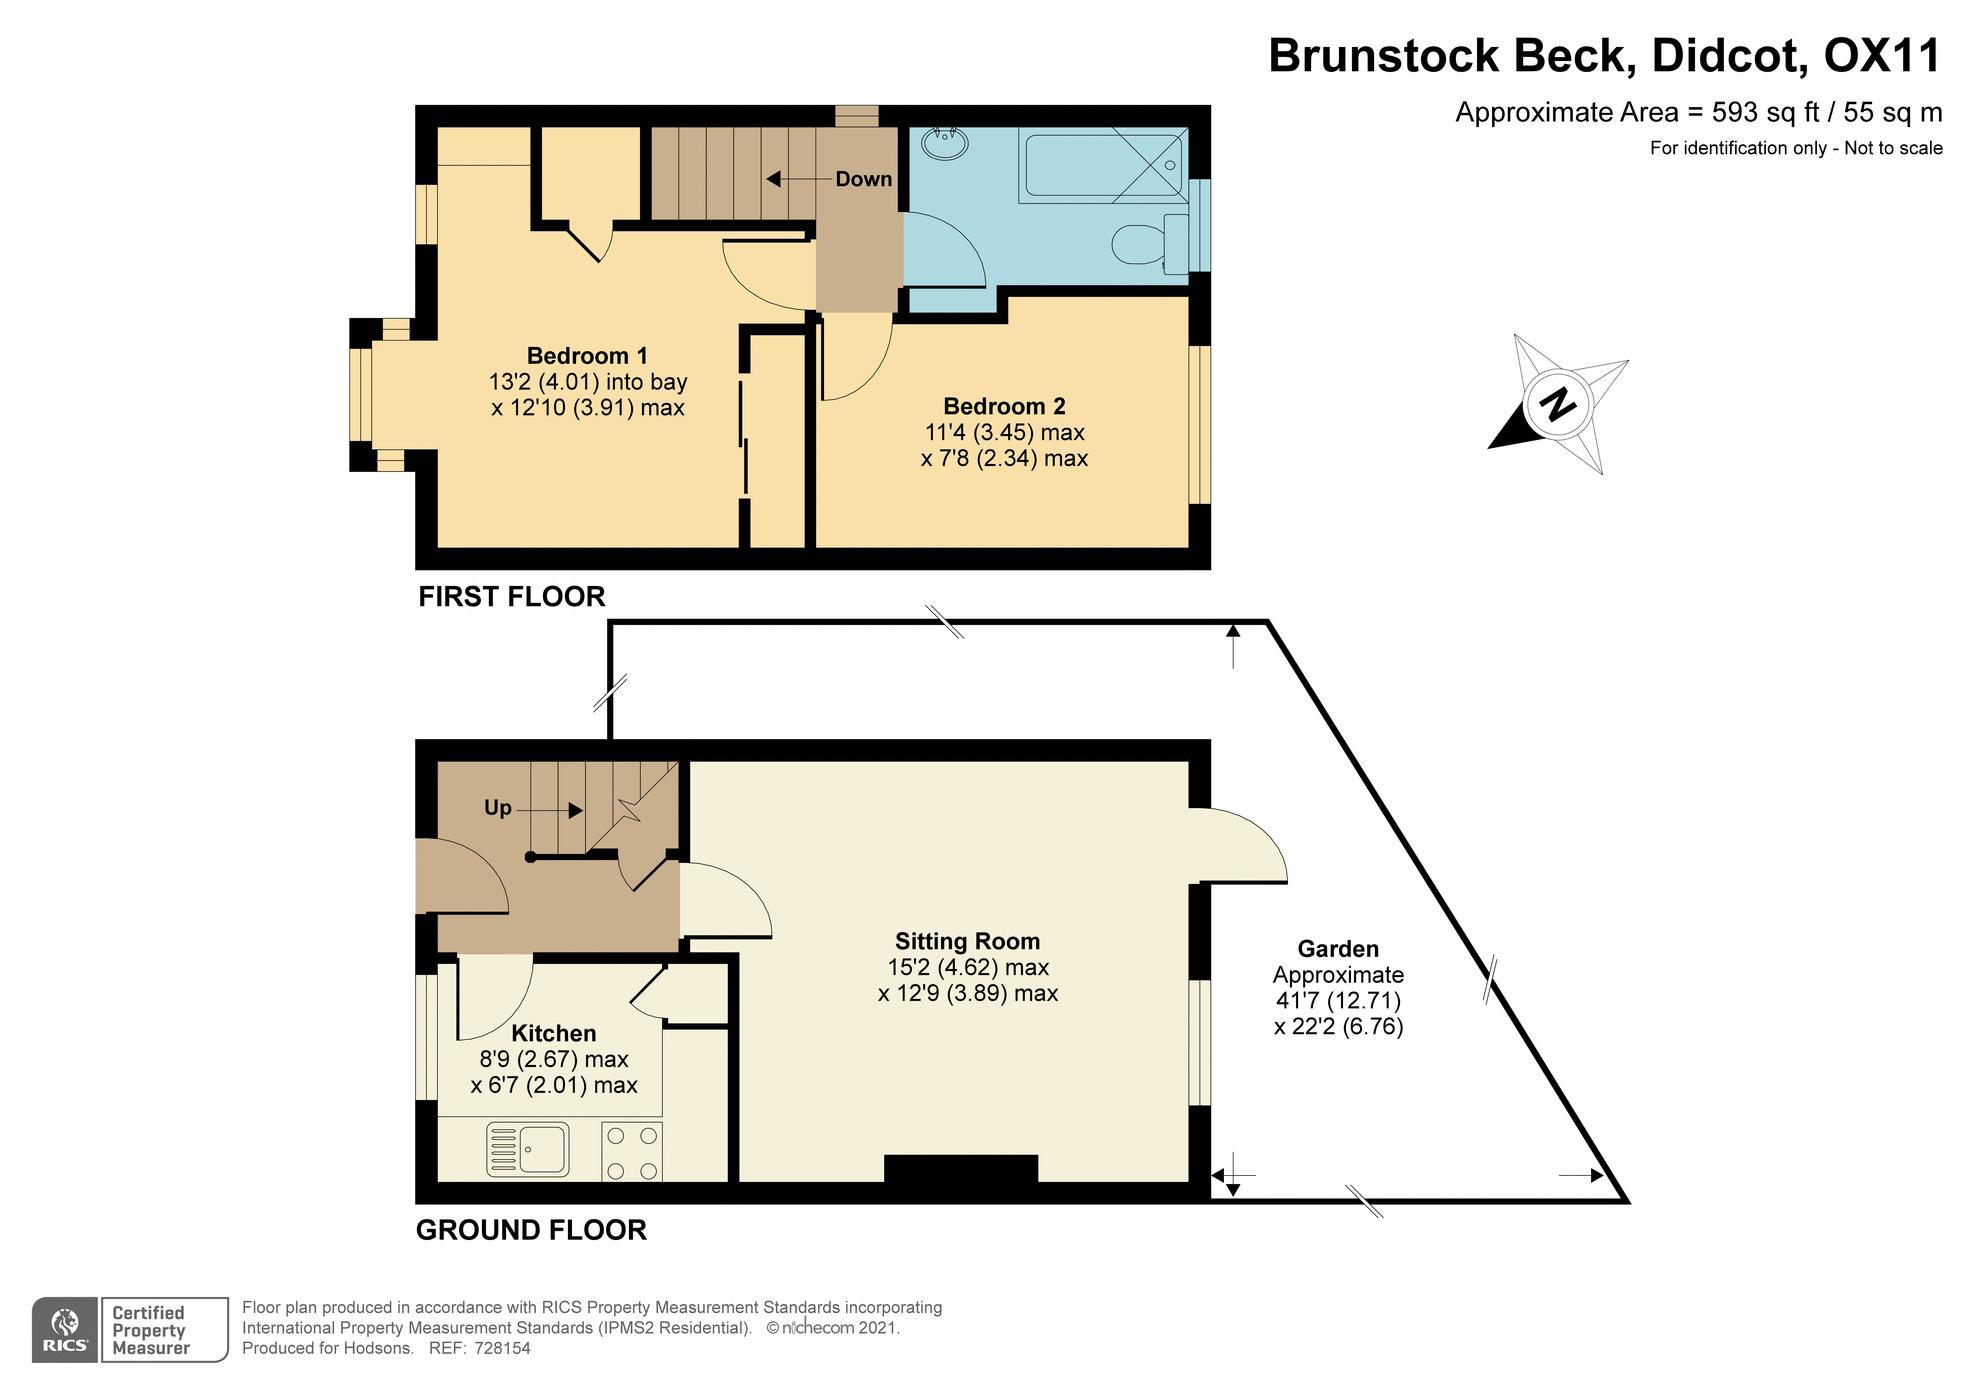 Brunstock Beck